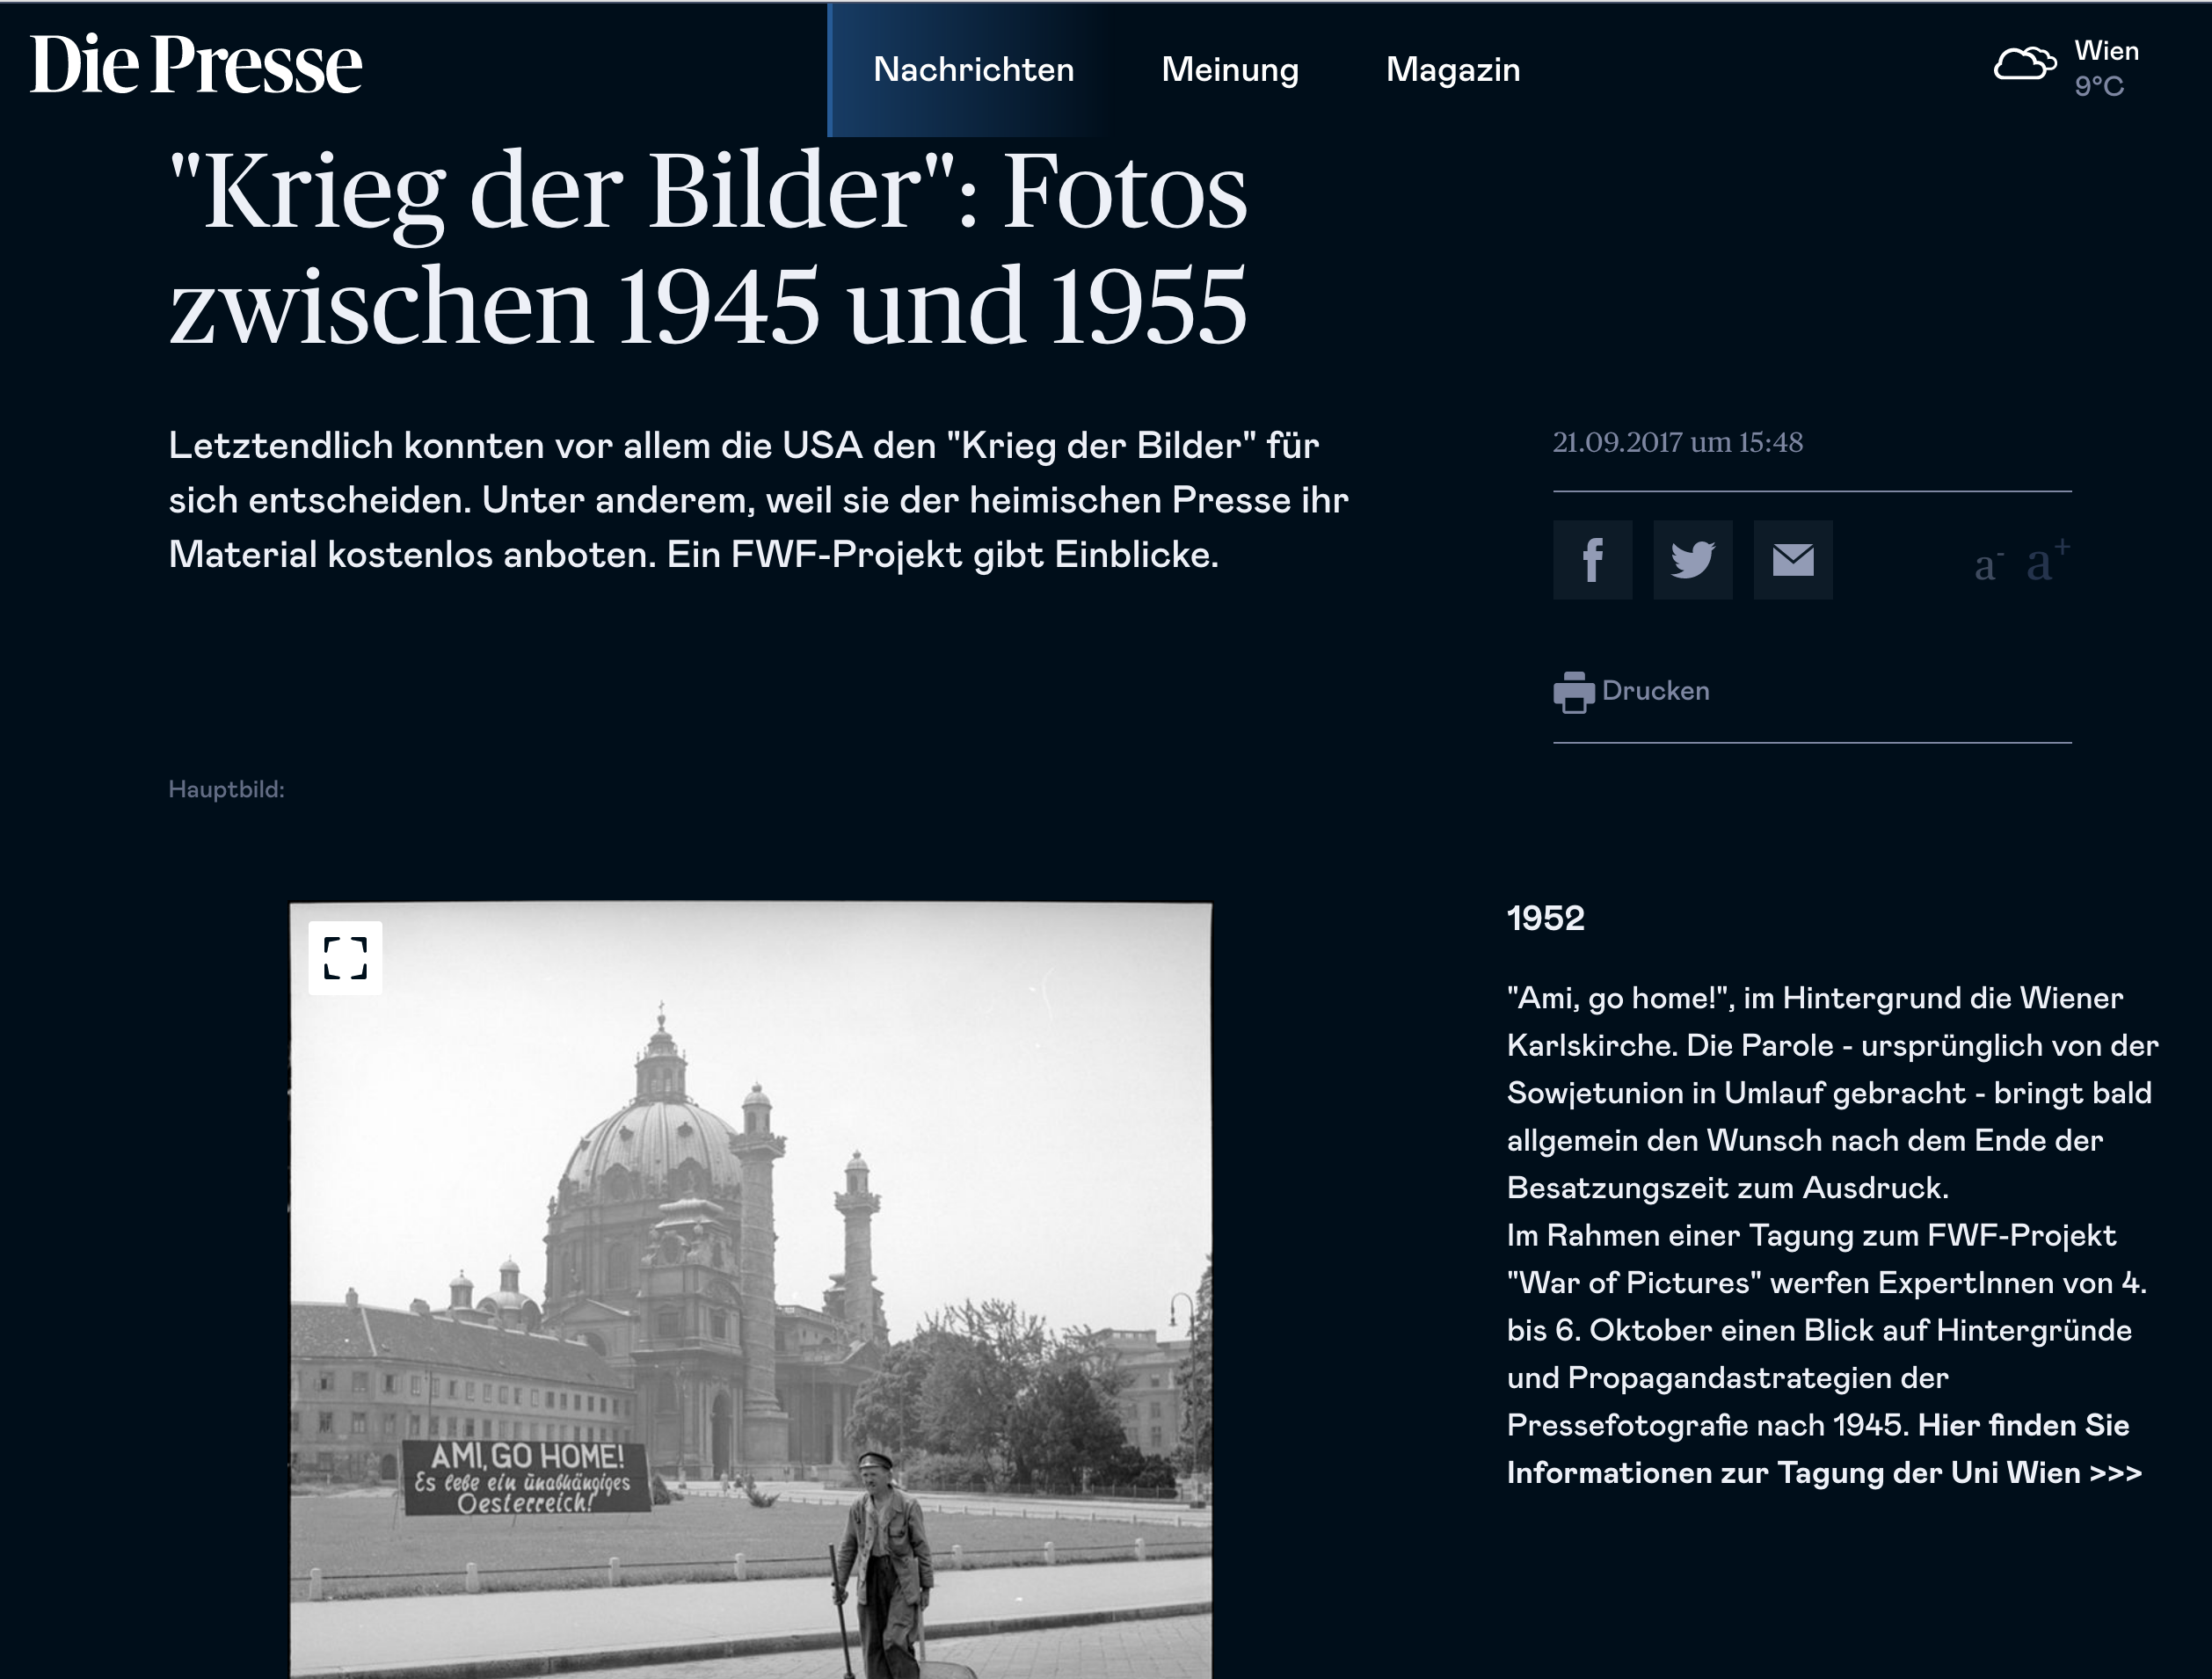 Besatzungszeit war of pictures Pressefotografen